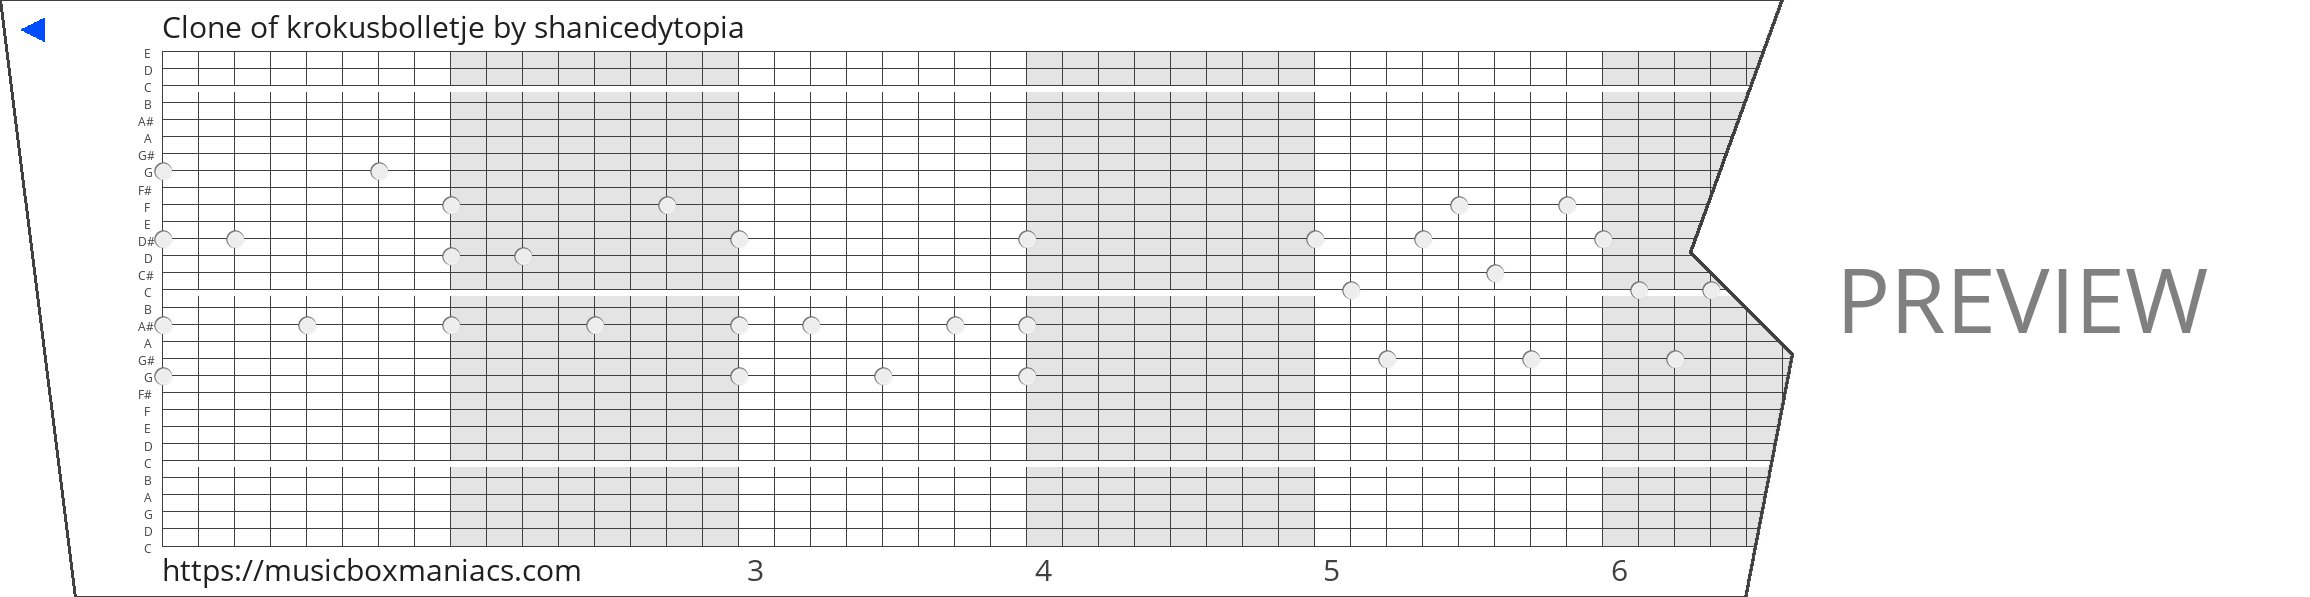 Clone of krokusbolletje 30 note music box paper strip